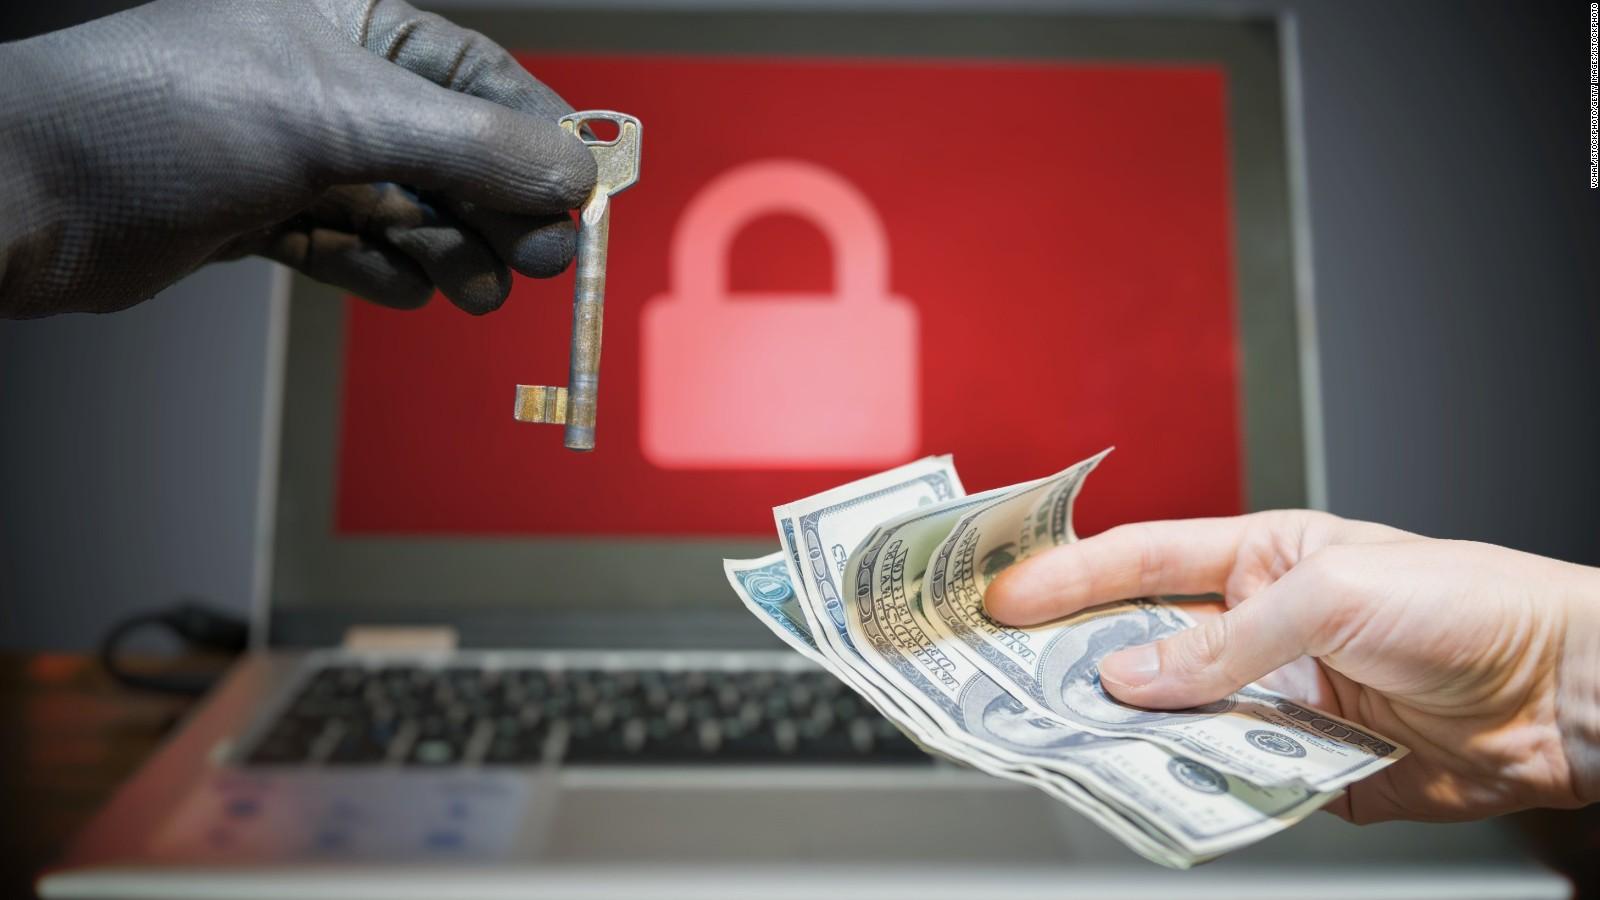 支付赎金,勒索软件最佳解决方案? -互联网之家